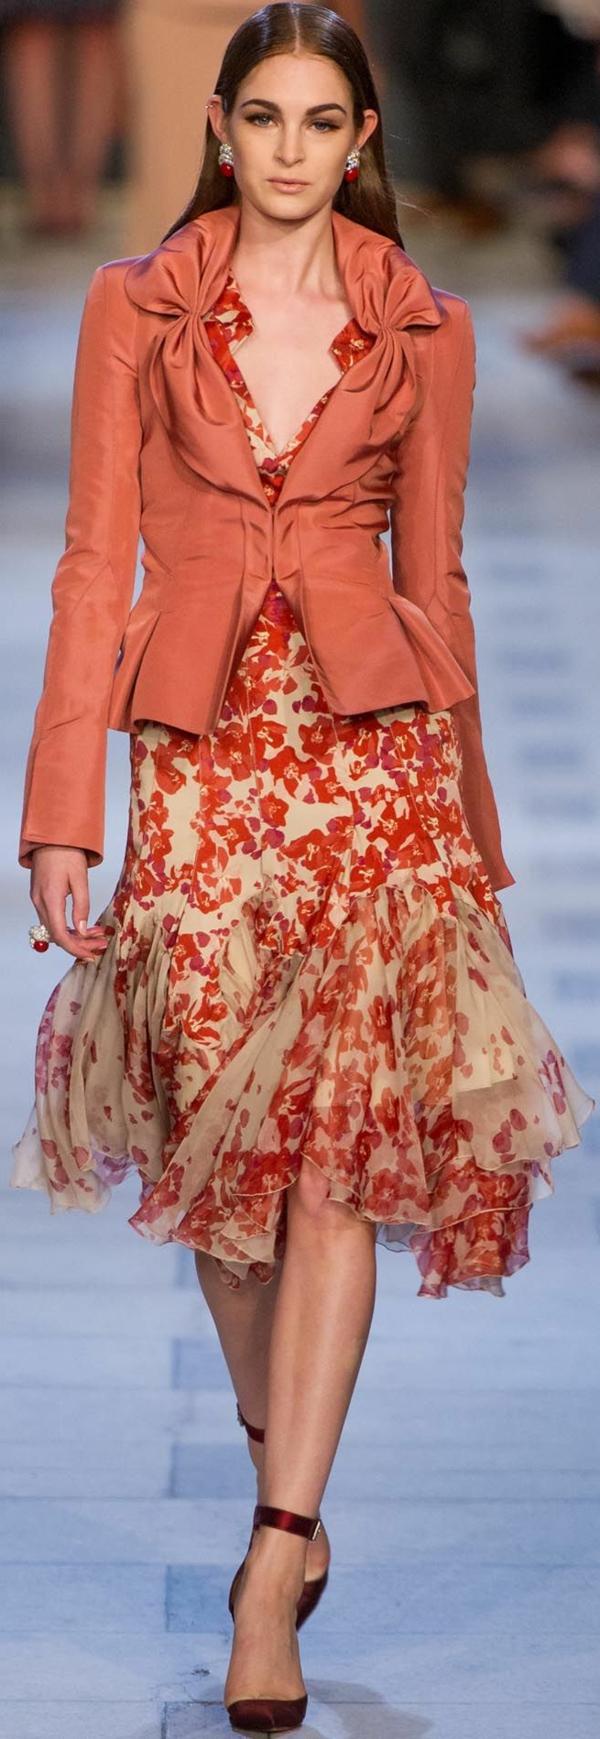 veste-corail-coquette-et-robe-florale-féérique